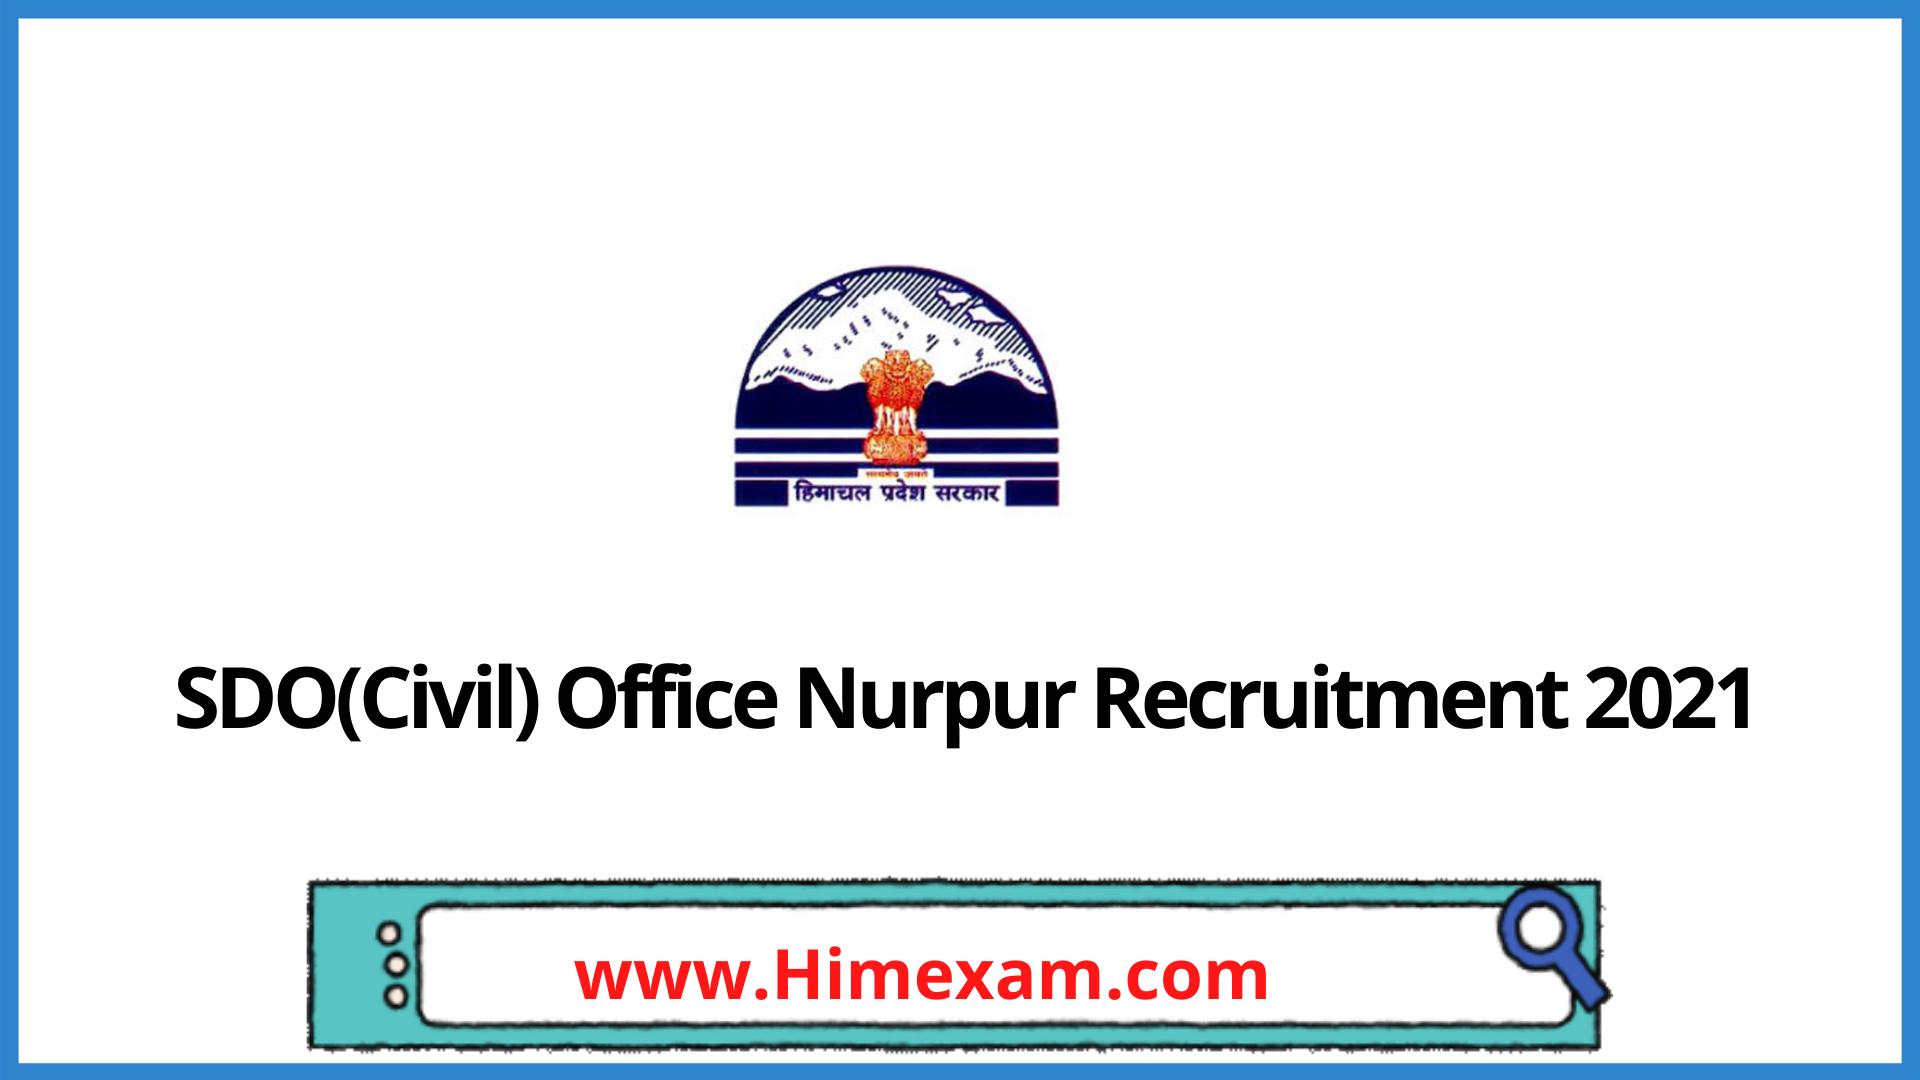 SDO(Civil) Office Nurpur Recruitment 2021